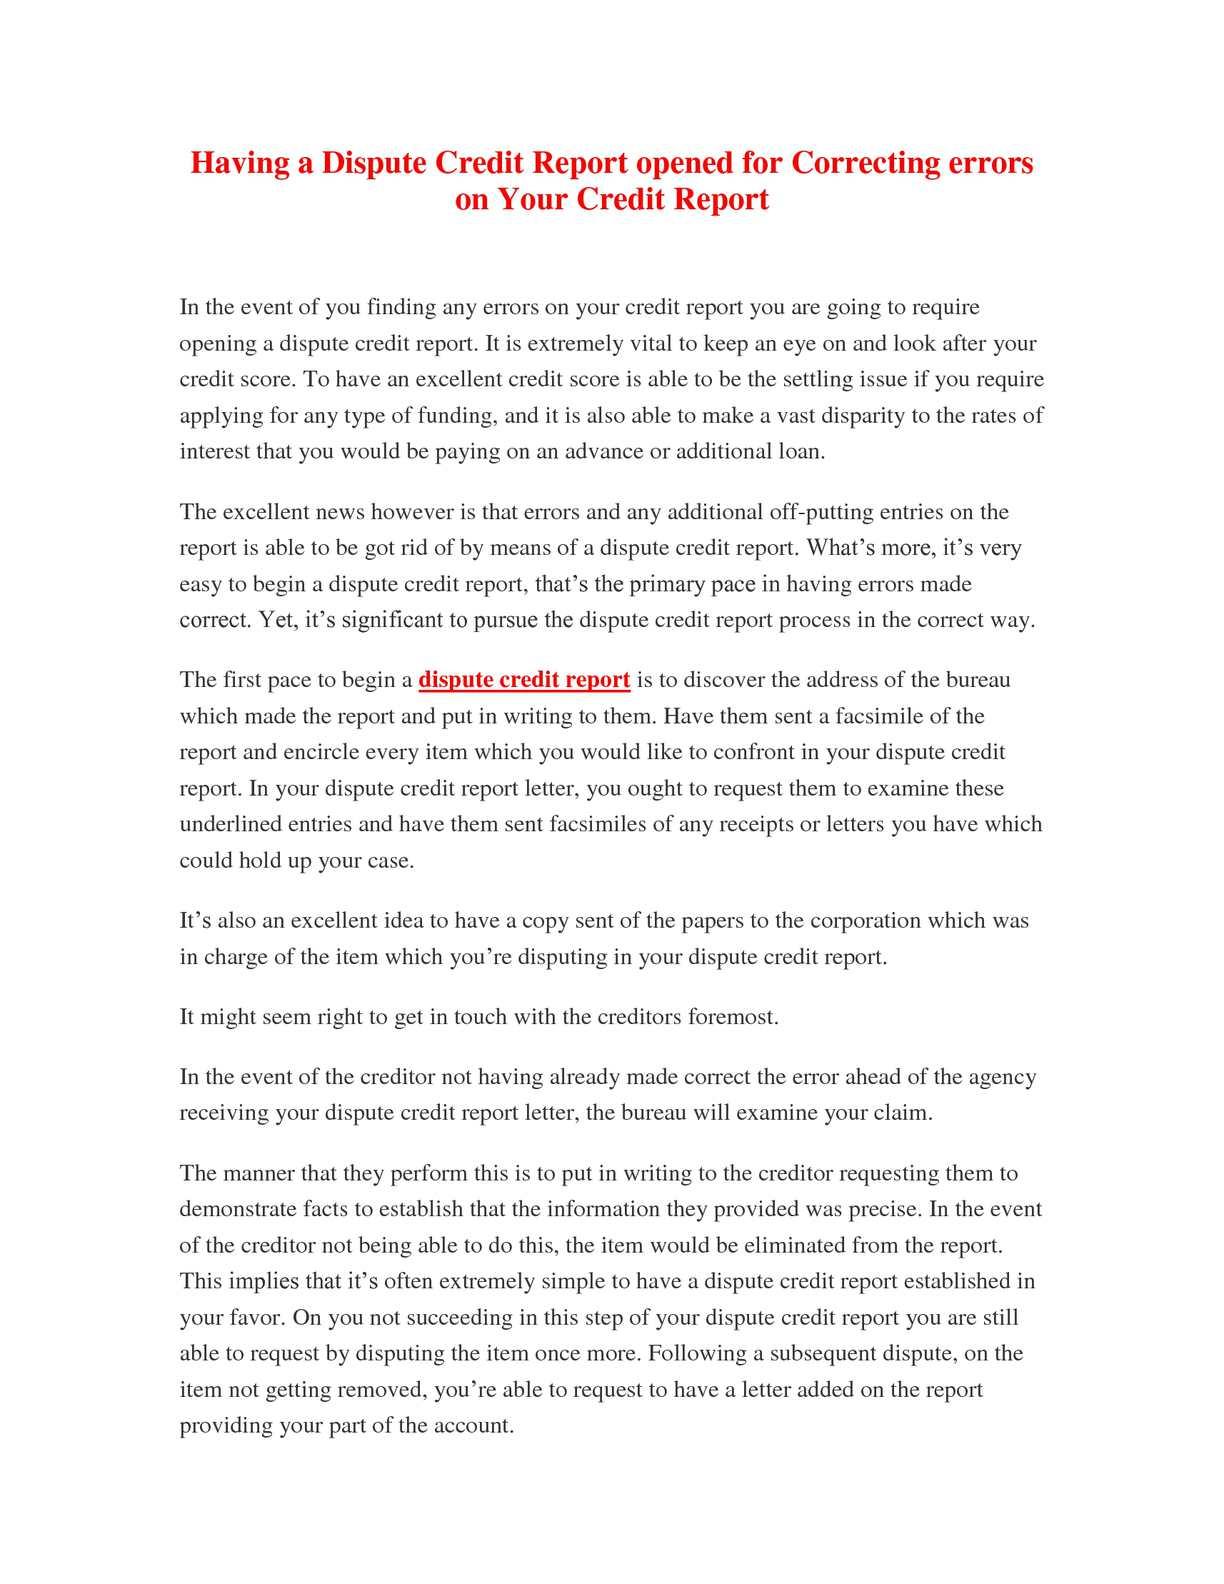 Credit Report Dispute >> Calameo Having A Dispute Credit Report Opened For